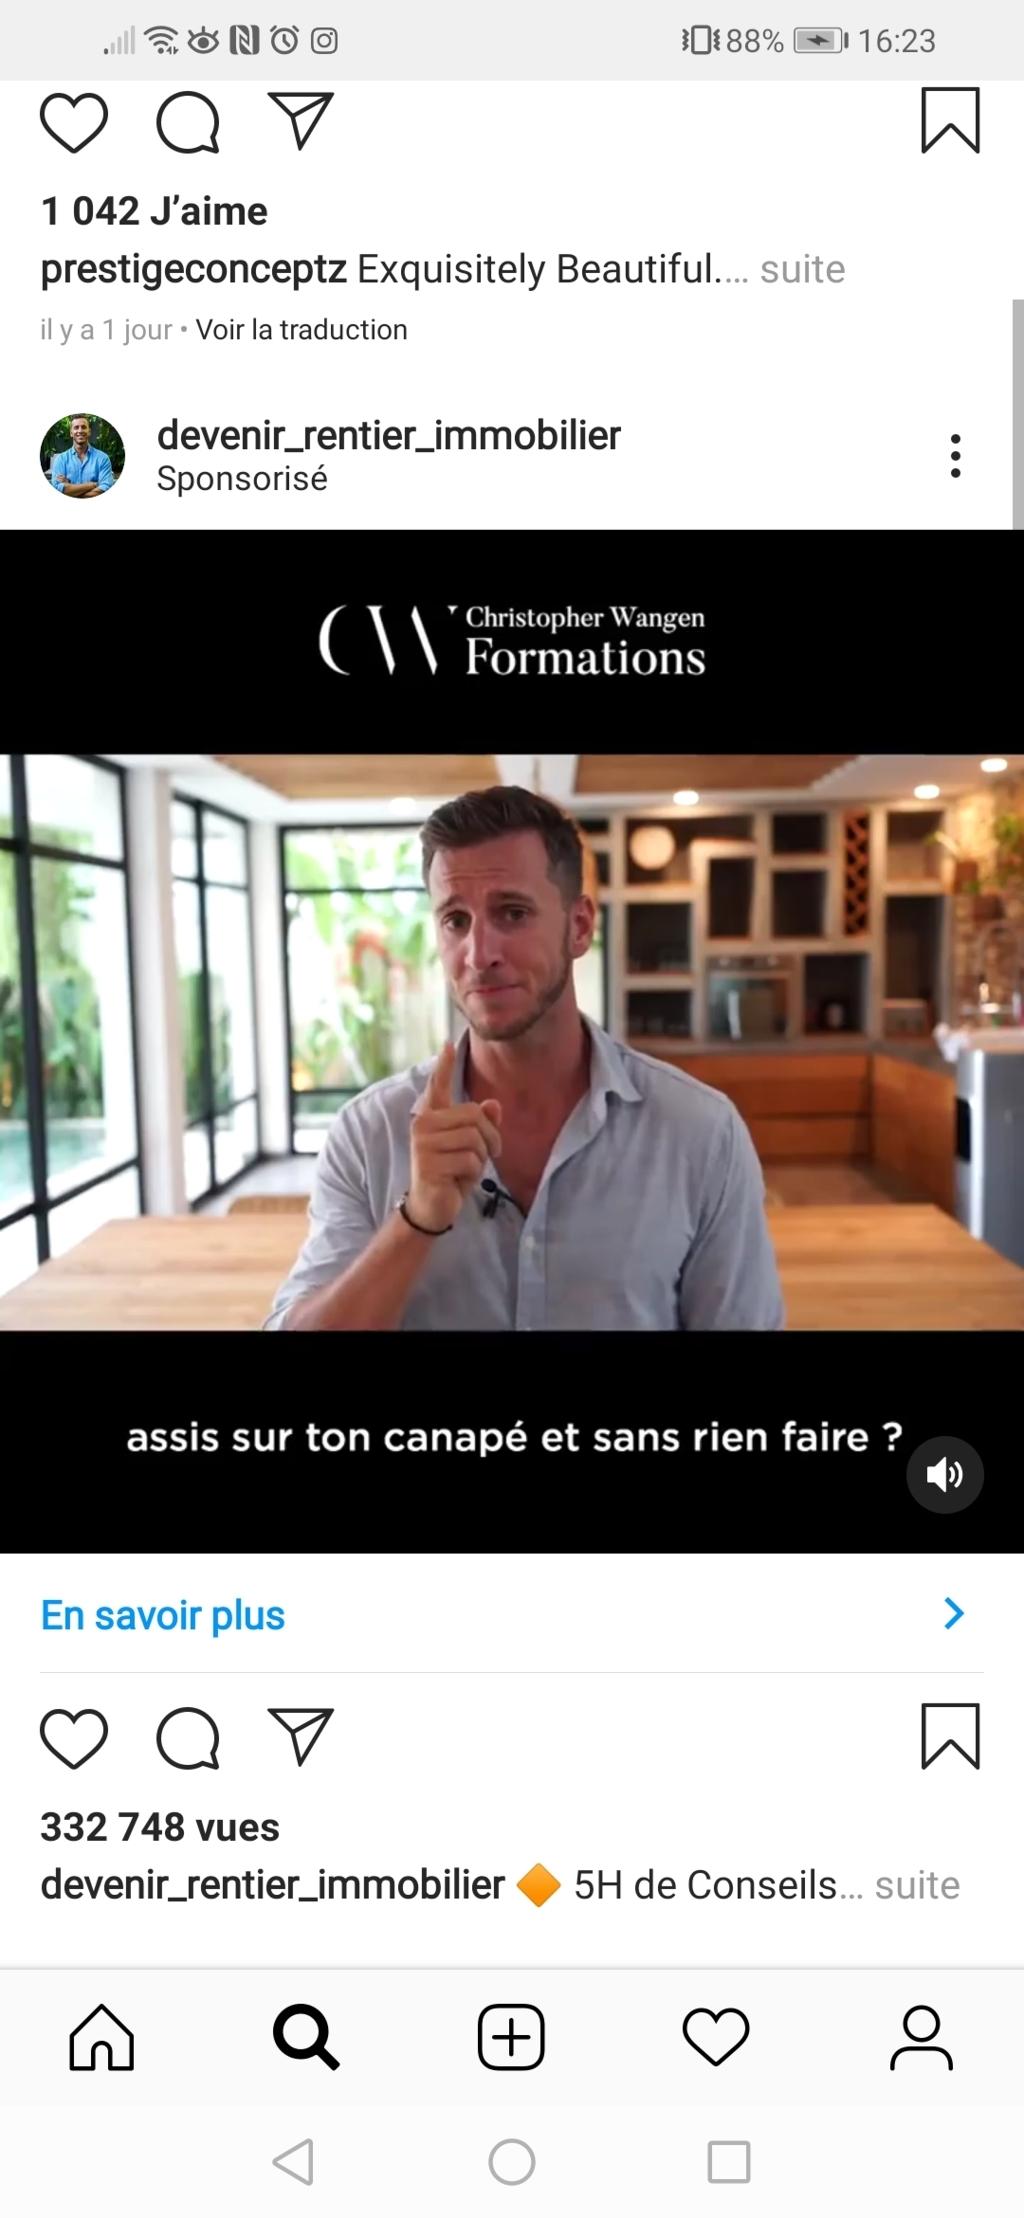 publicité sponsorisé instagram